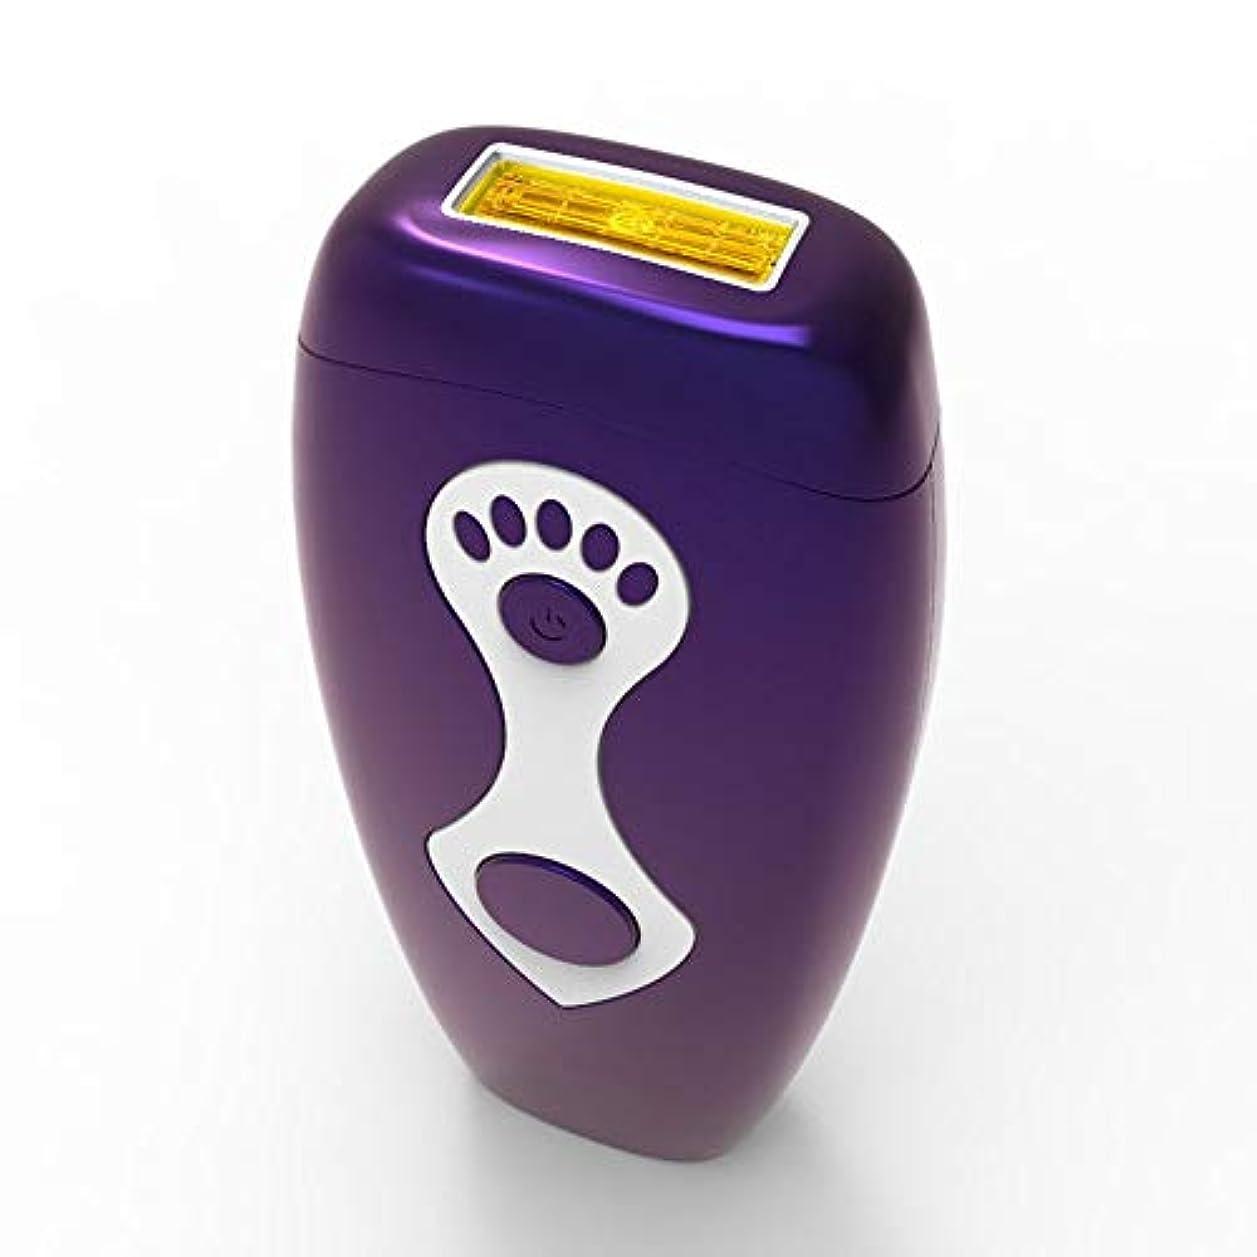 別の宿題驚きパーマネント脱毛、家庭用ニュートラルヘアリムーバー、柔らかい肌、マルチ運動エネルギー、安全性、グレード5無料調整、サイズ7.5×16.5 Cm 髪以外はきれい (Color : Purple)